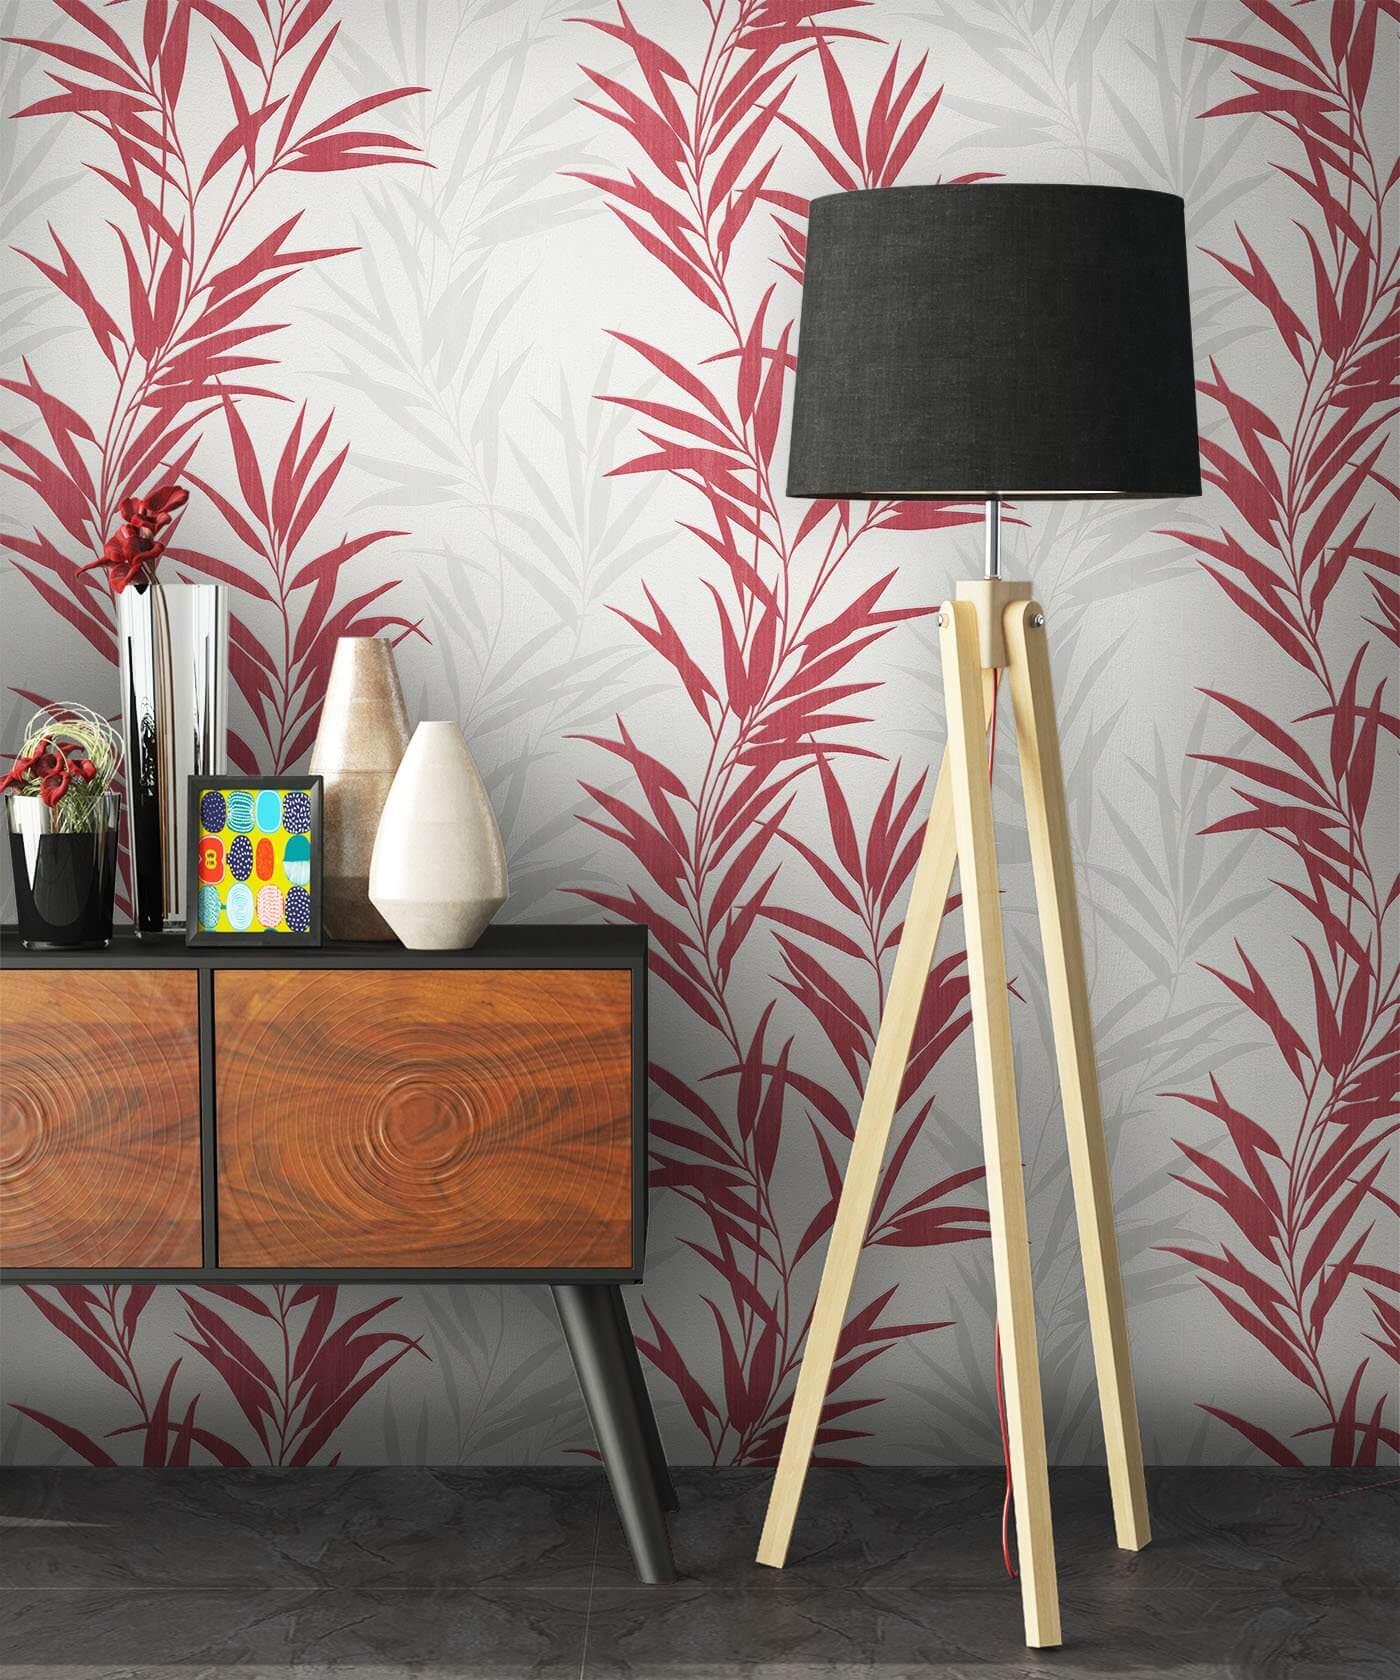 vliestapete wei schlafen wohnen newroom. Black Bedroom Furniture Sets. Home Design Ideas